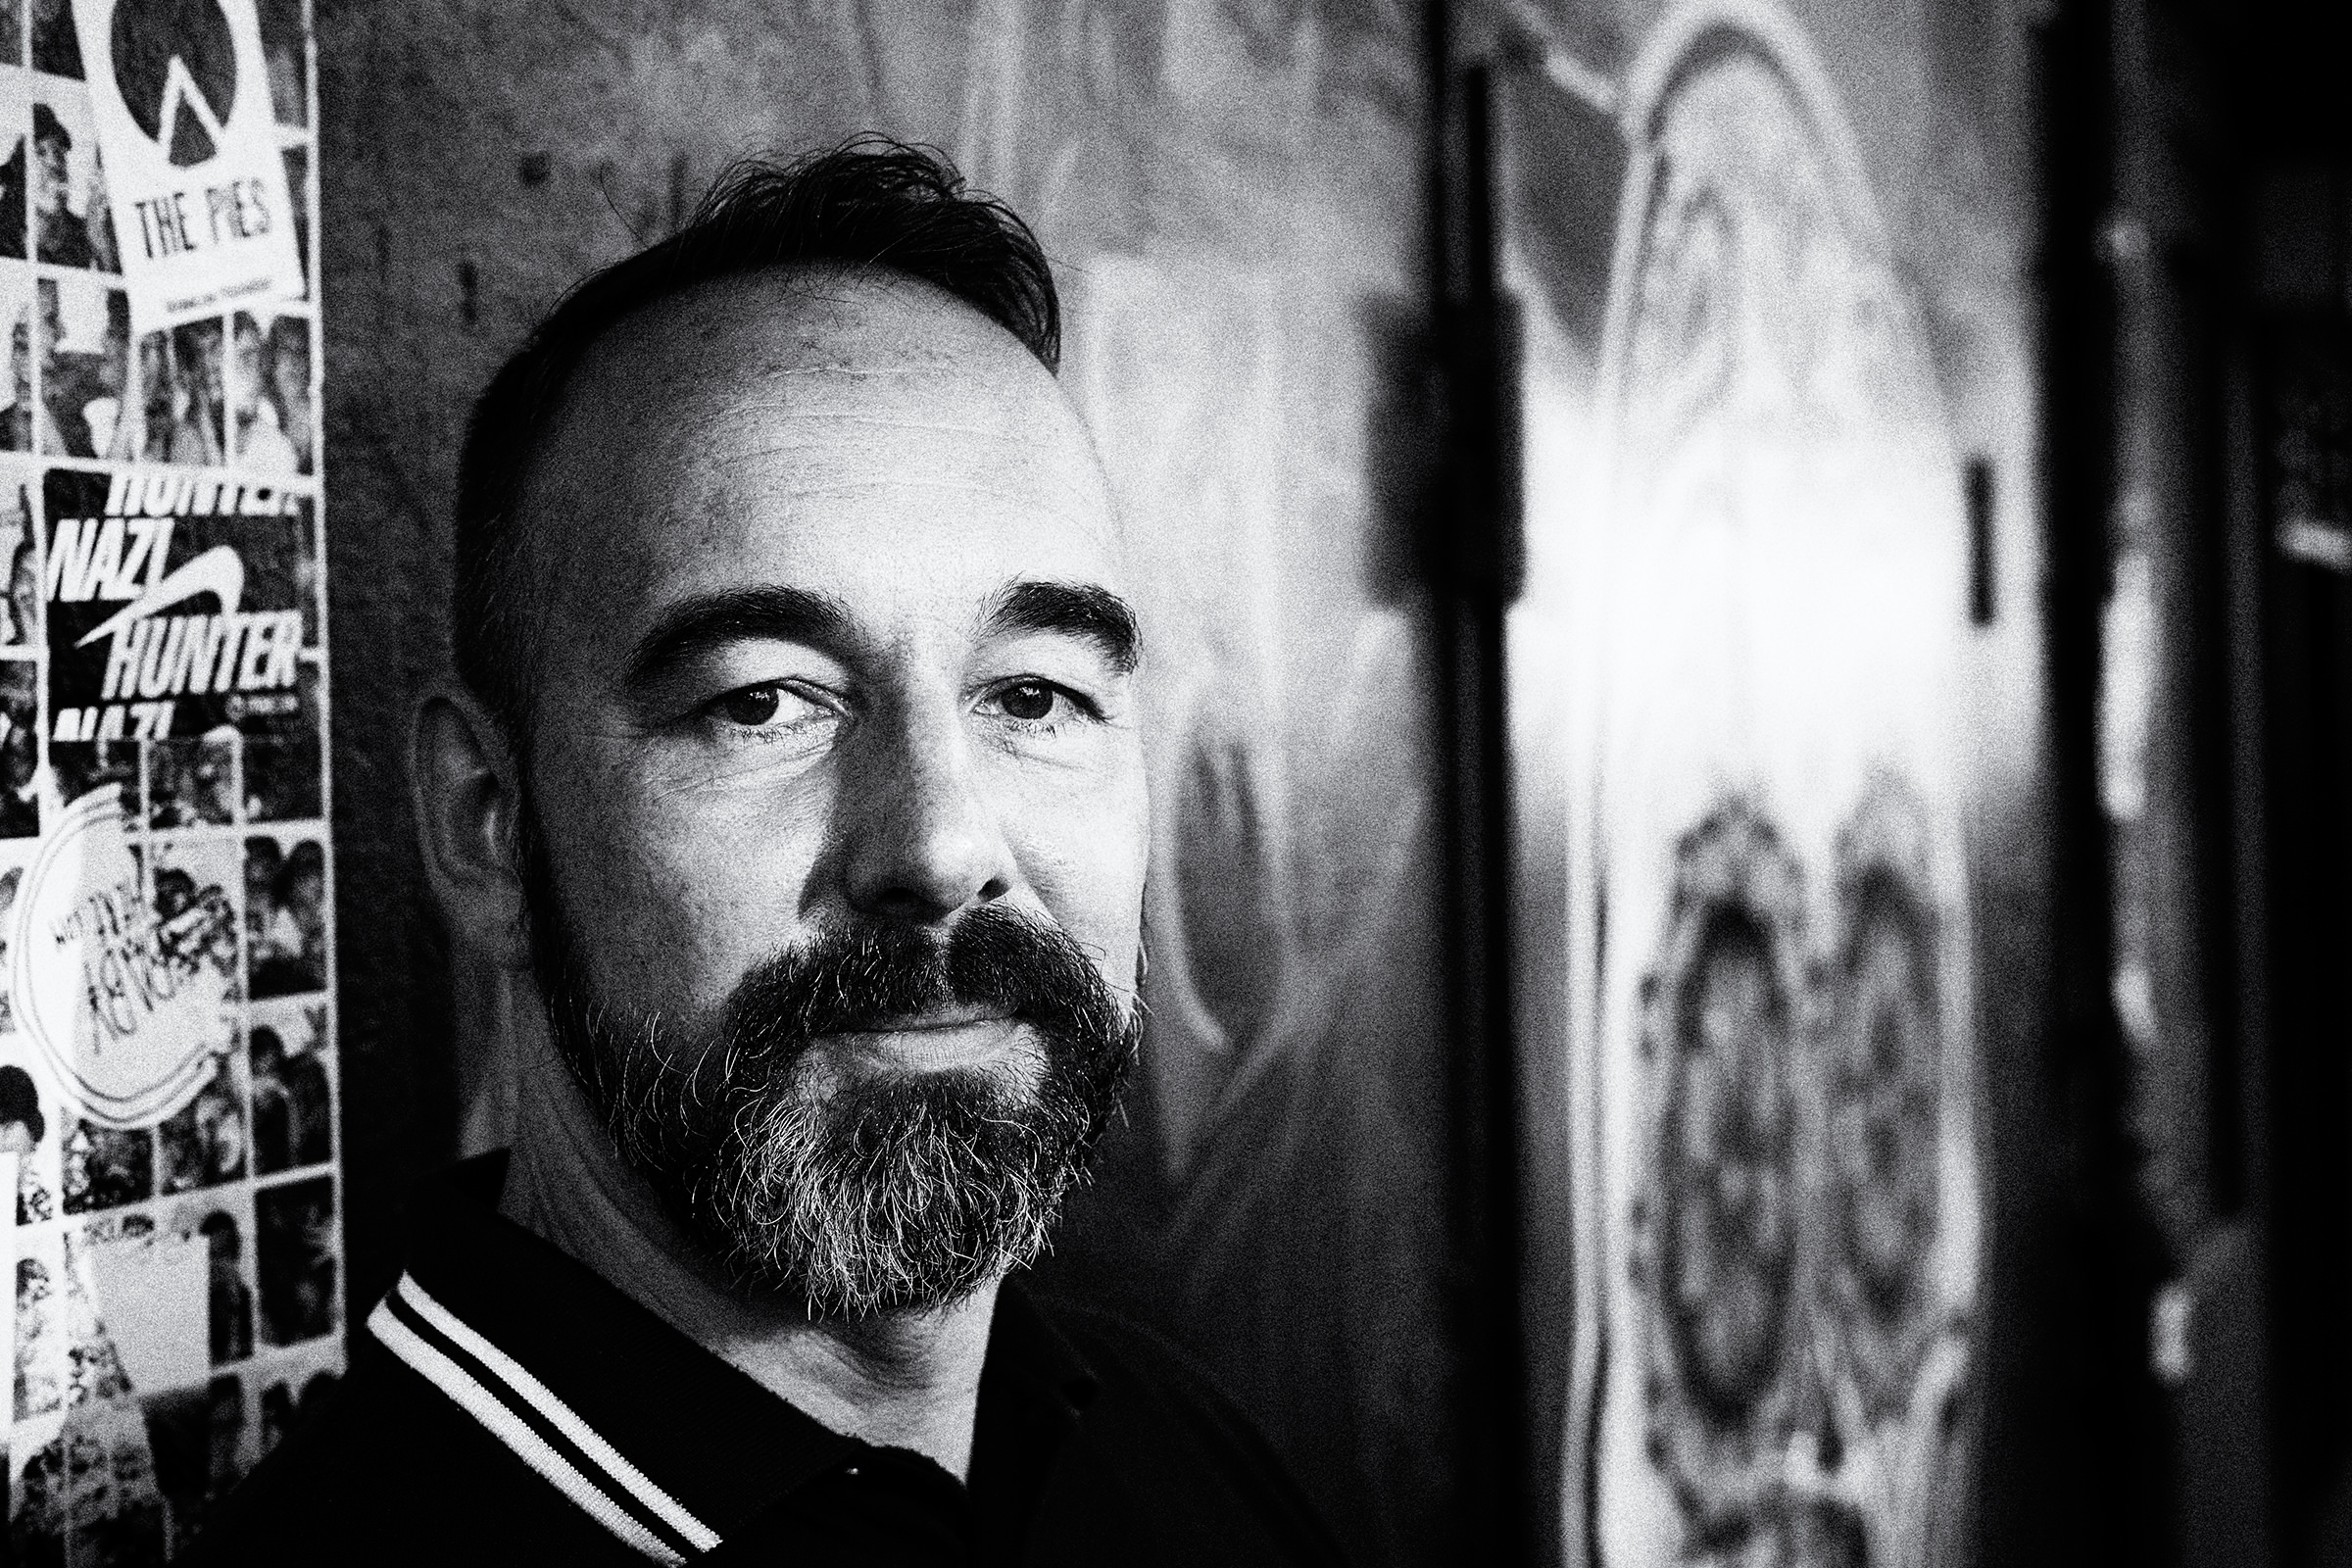 Viktor Hacker